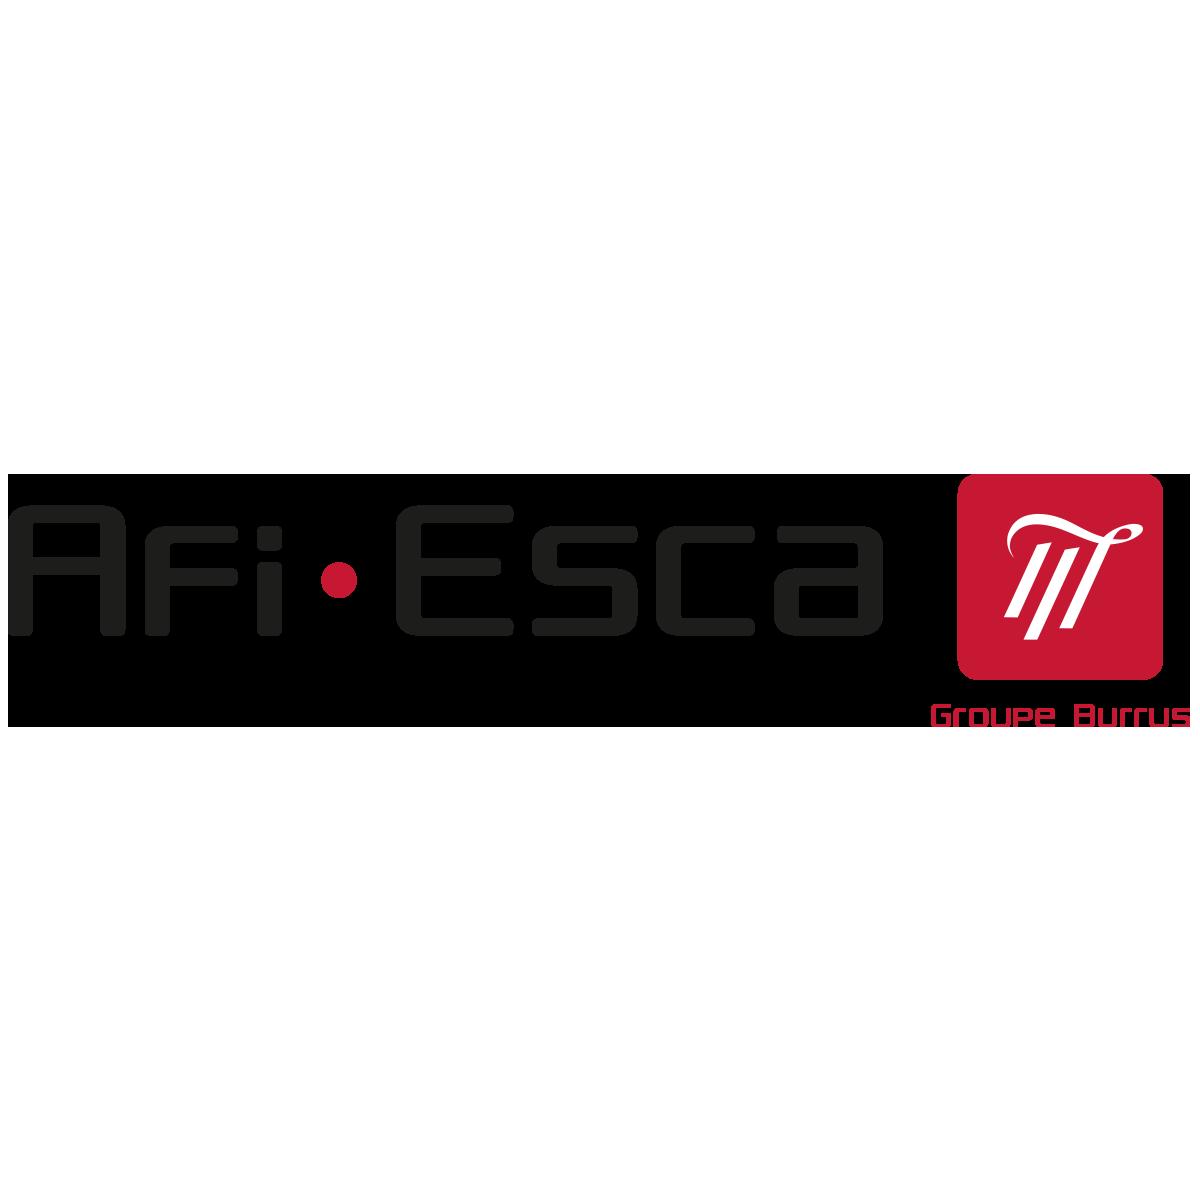 Afi Esca